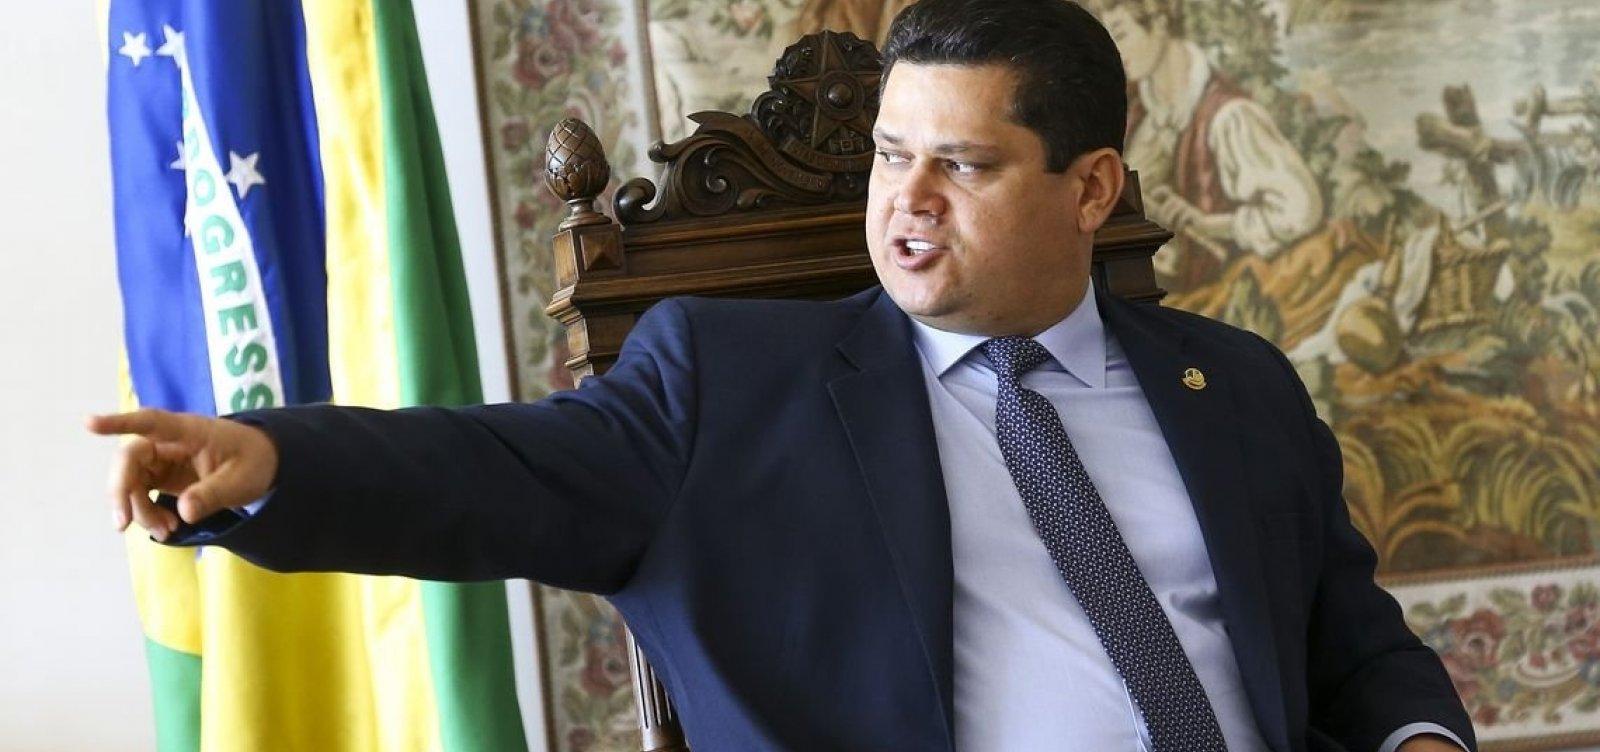 Presidente da República interino, Alcolumbre visita praias atingidas por óleo